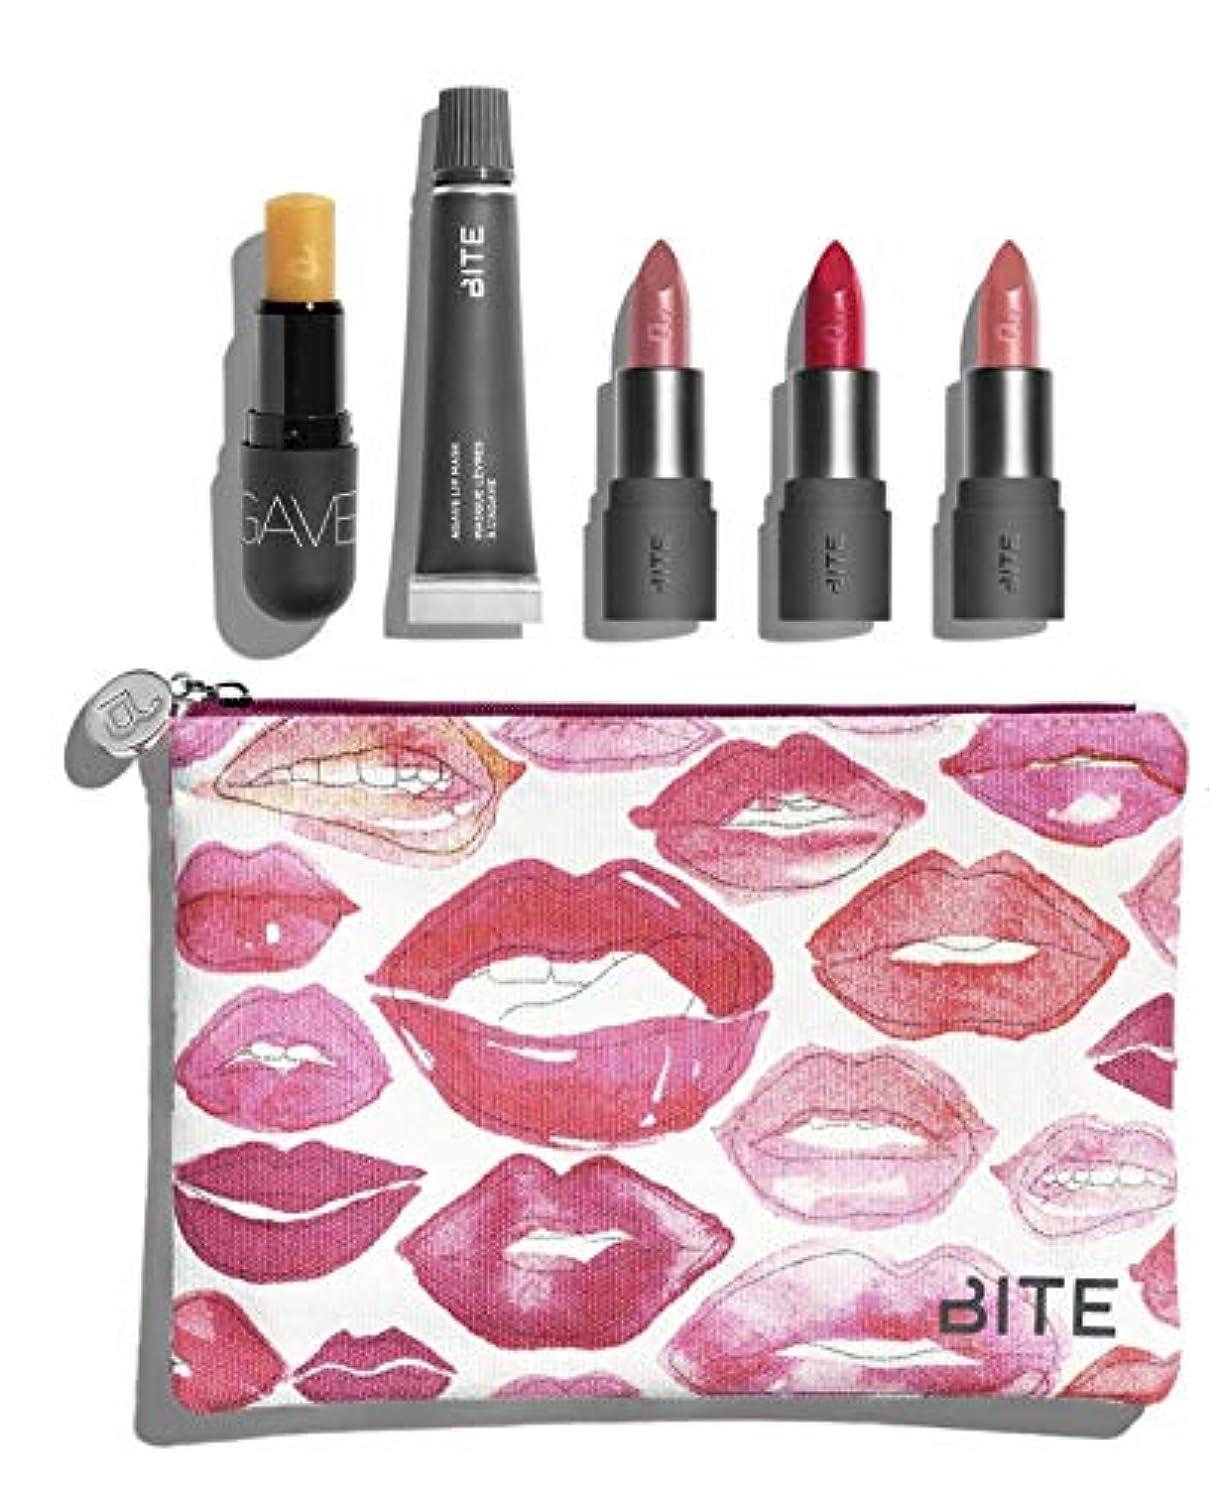 ヨーグルト最小動詞バイト ビューティー リップセット ポーチ付き Bite Beauty Kiss 'N Fly Lip Care & Lipstick Set マスカラ アイライナー アイブロー メイクアップ